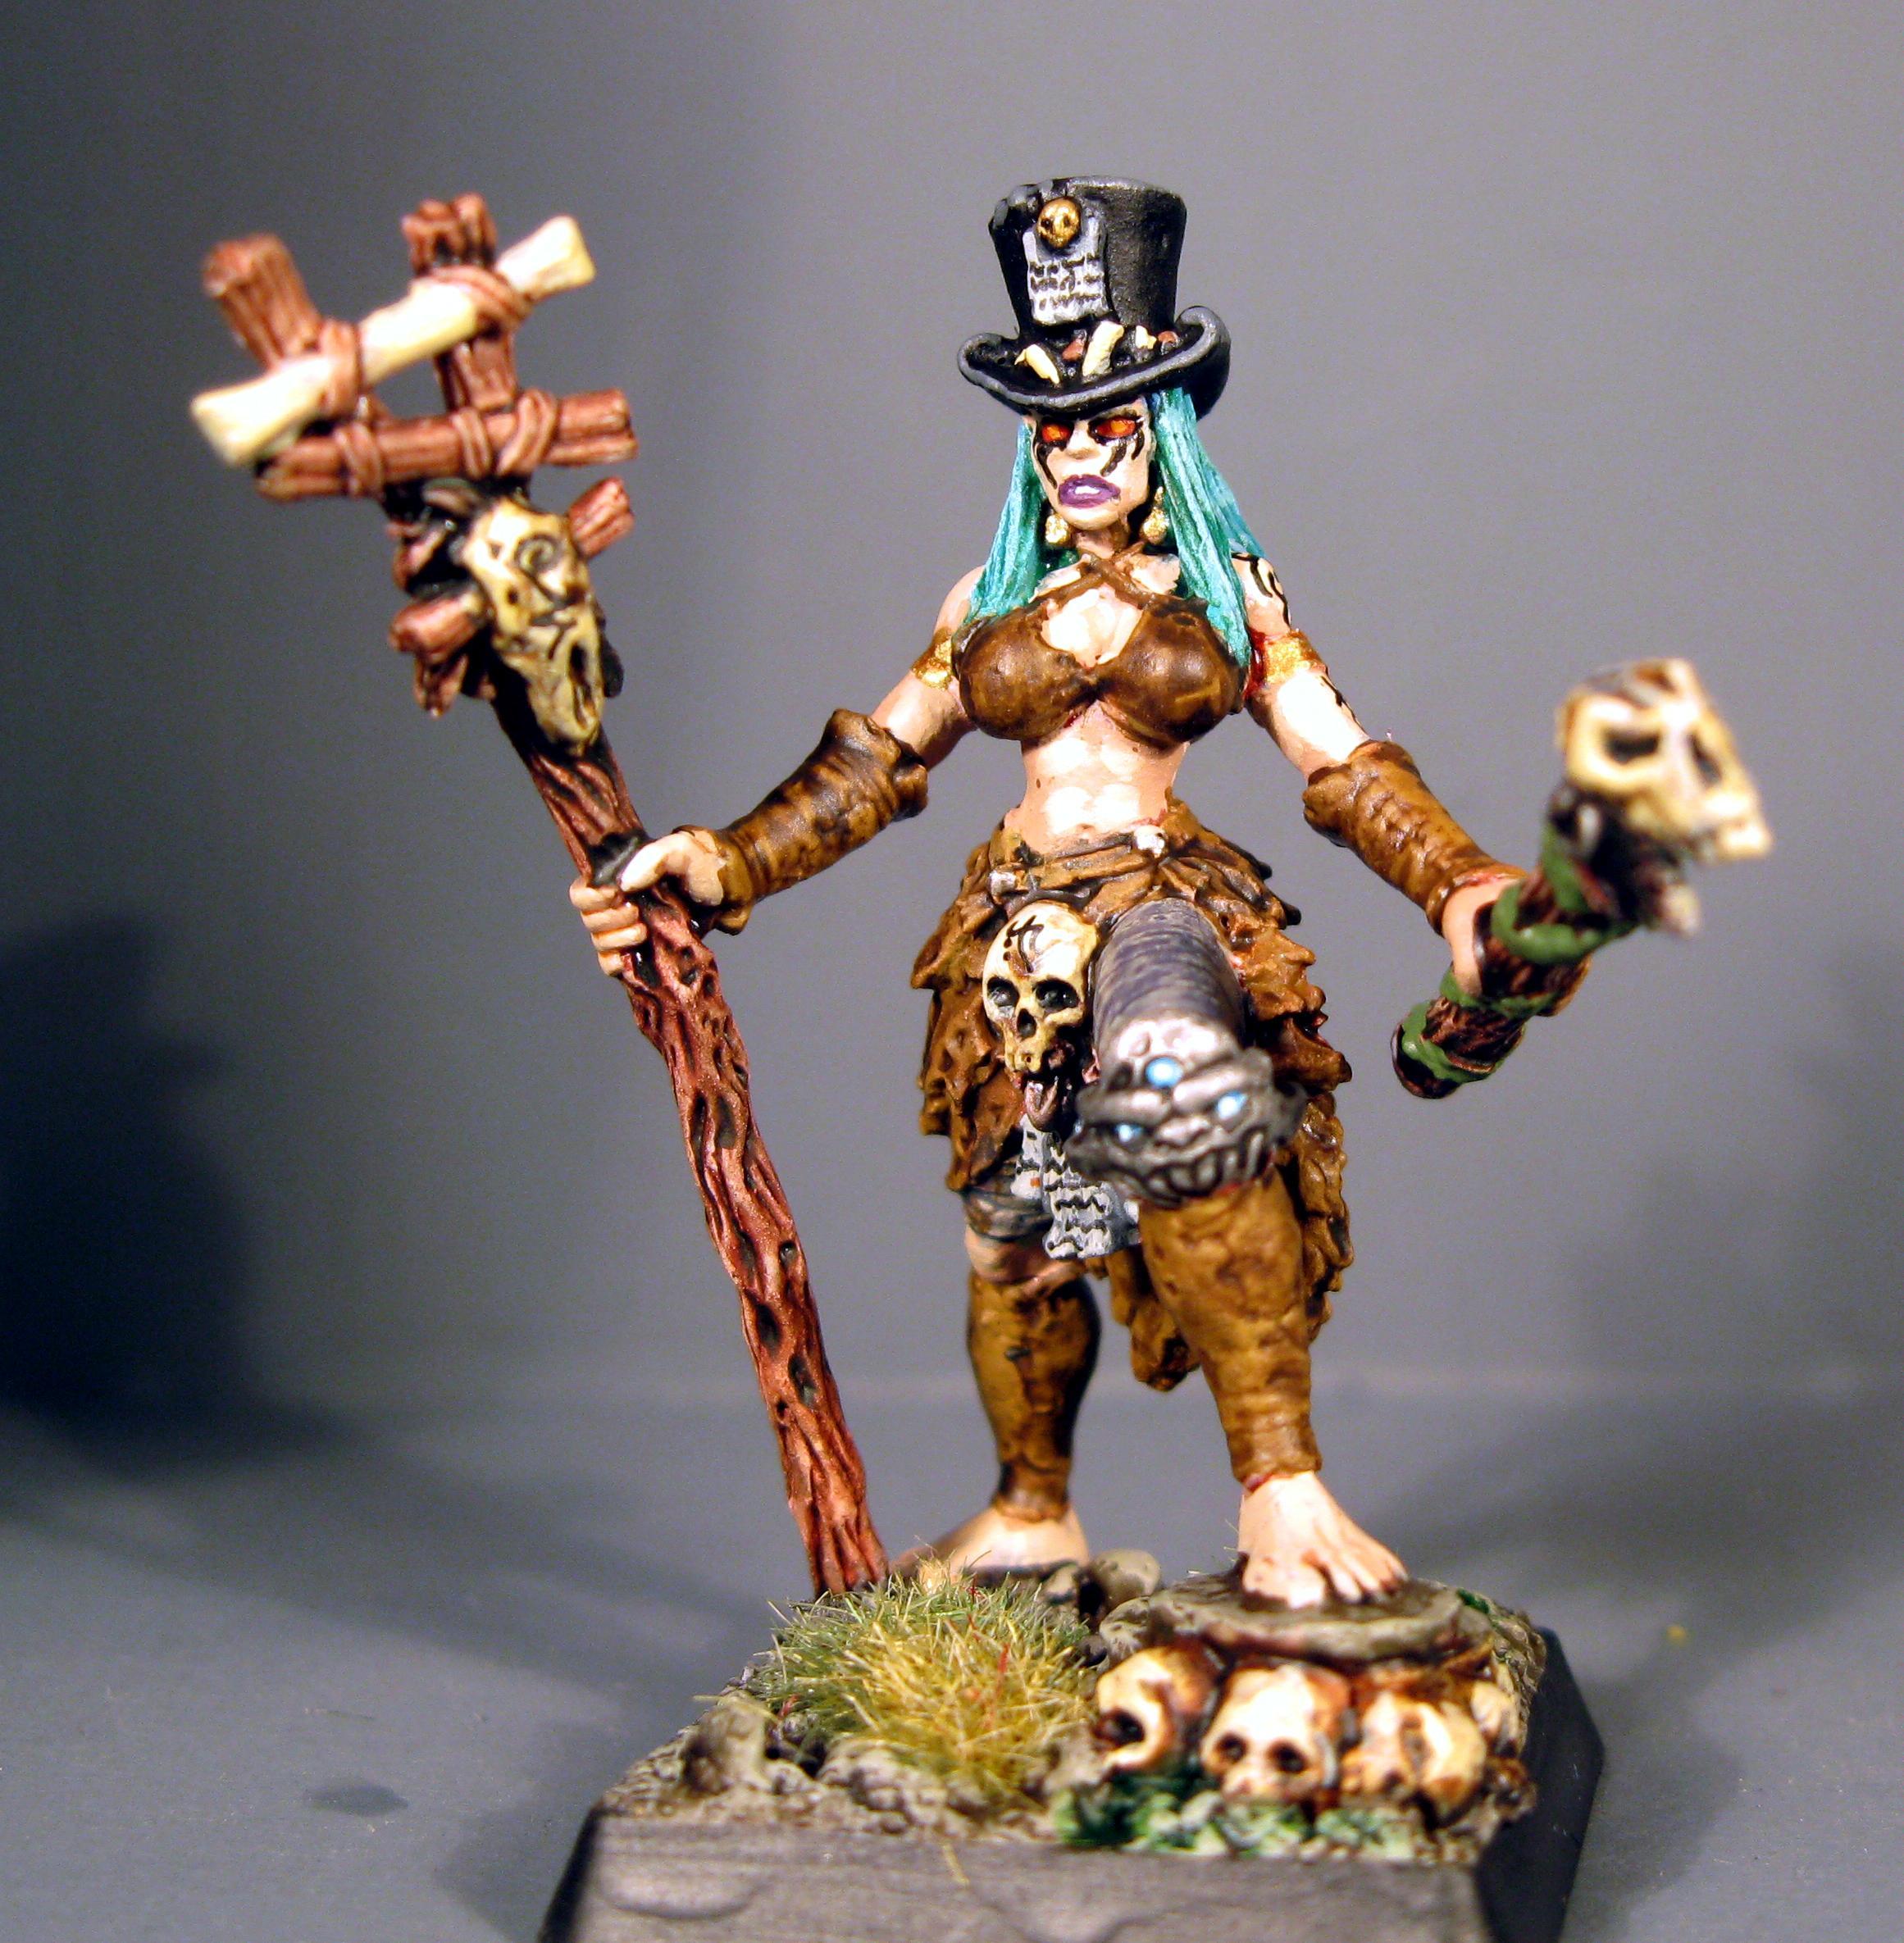 Female, Voodoo